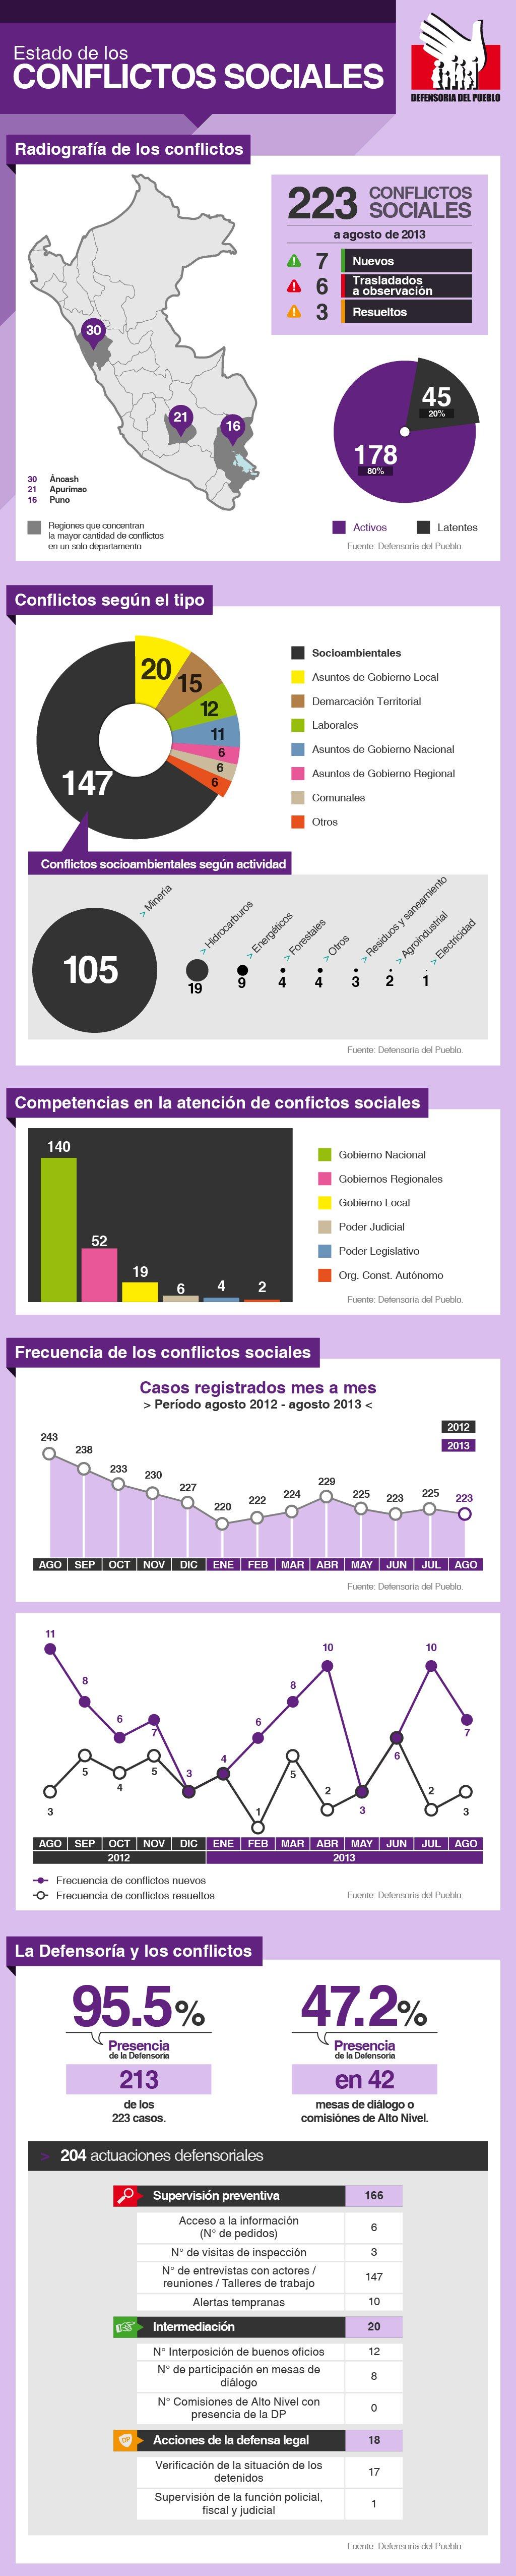 infografia-reporte-114